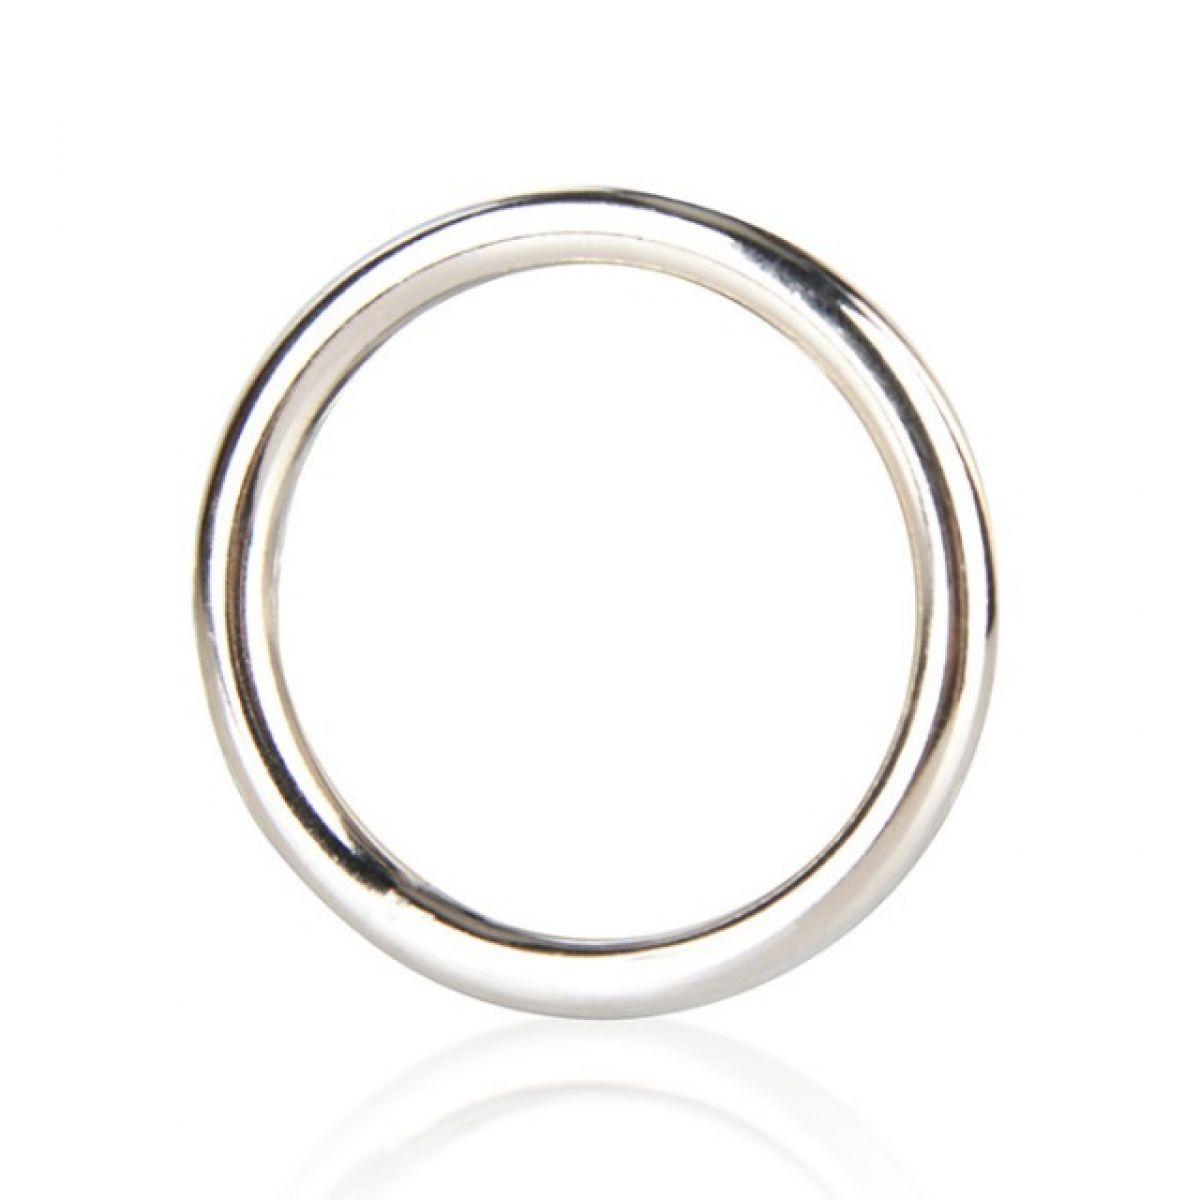 Стальное эрекционное кольцо 5,2 см Steel Cock Ring